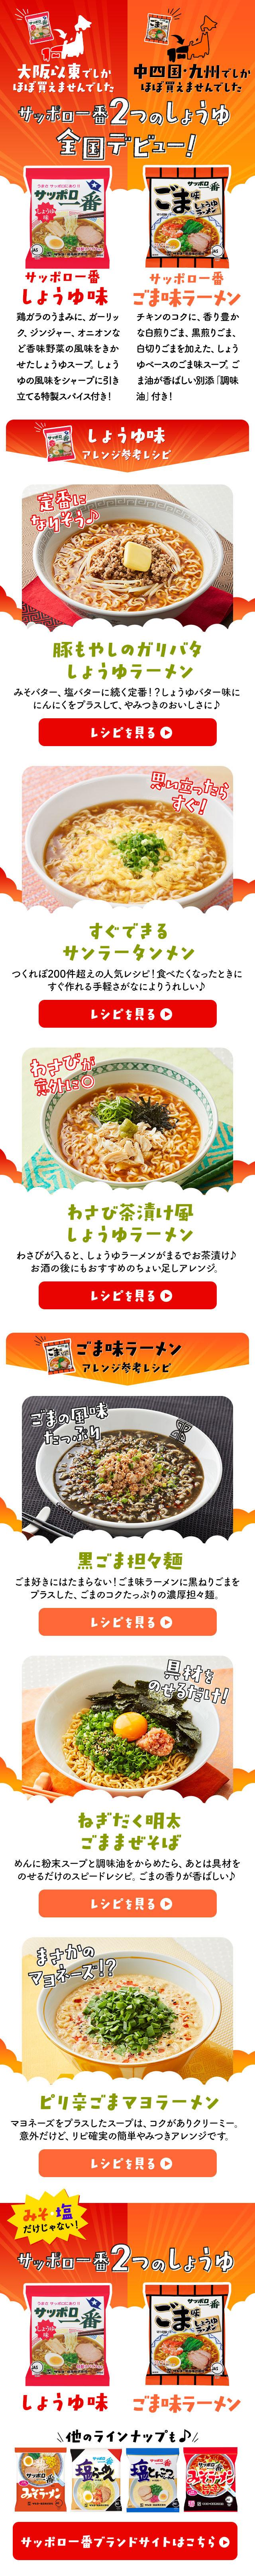 ラーメン 作り方 醤油 スープ